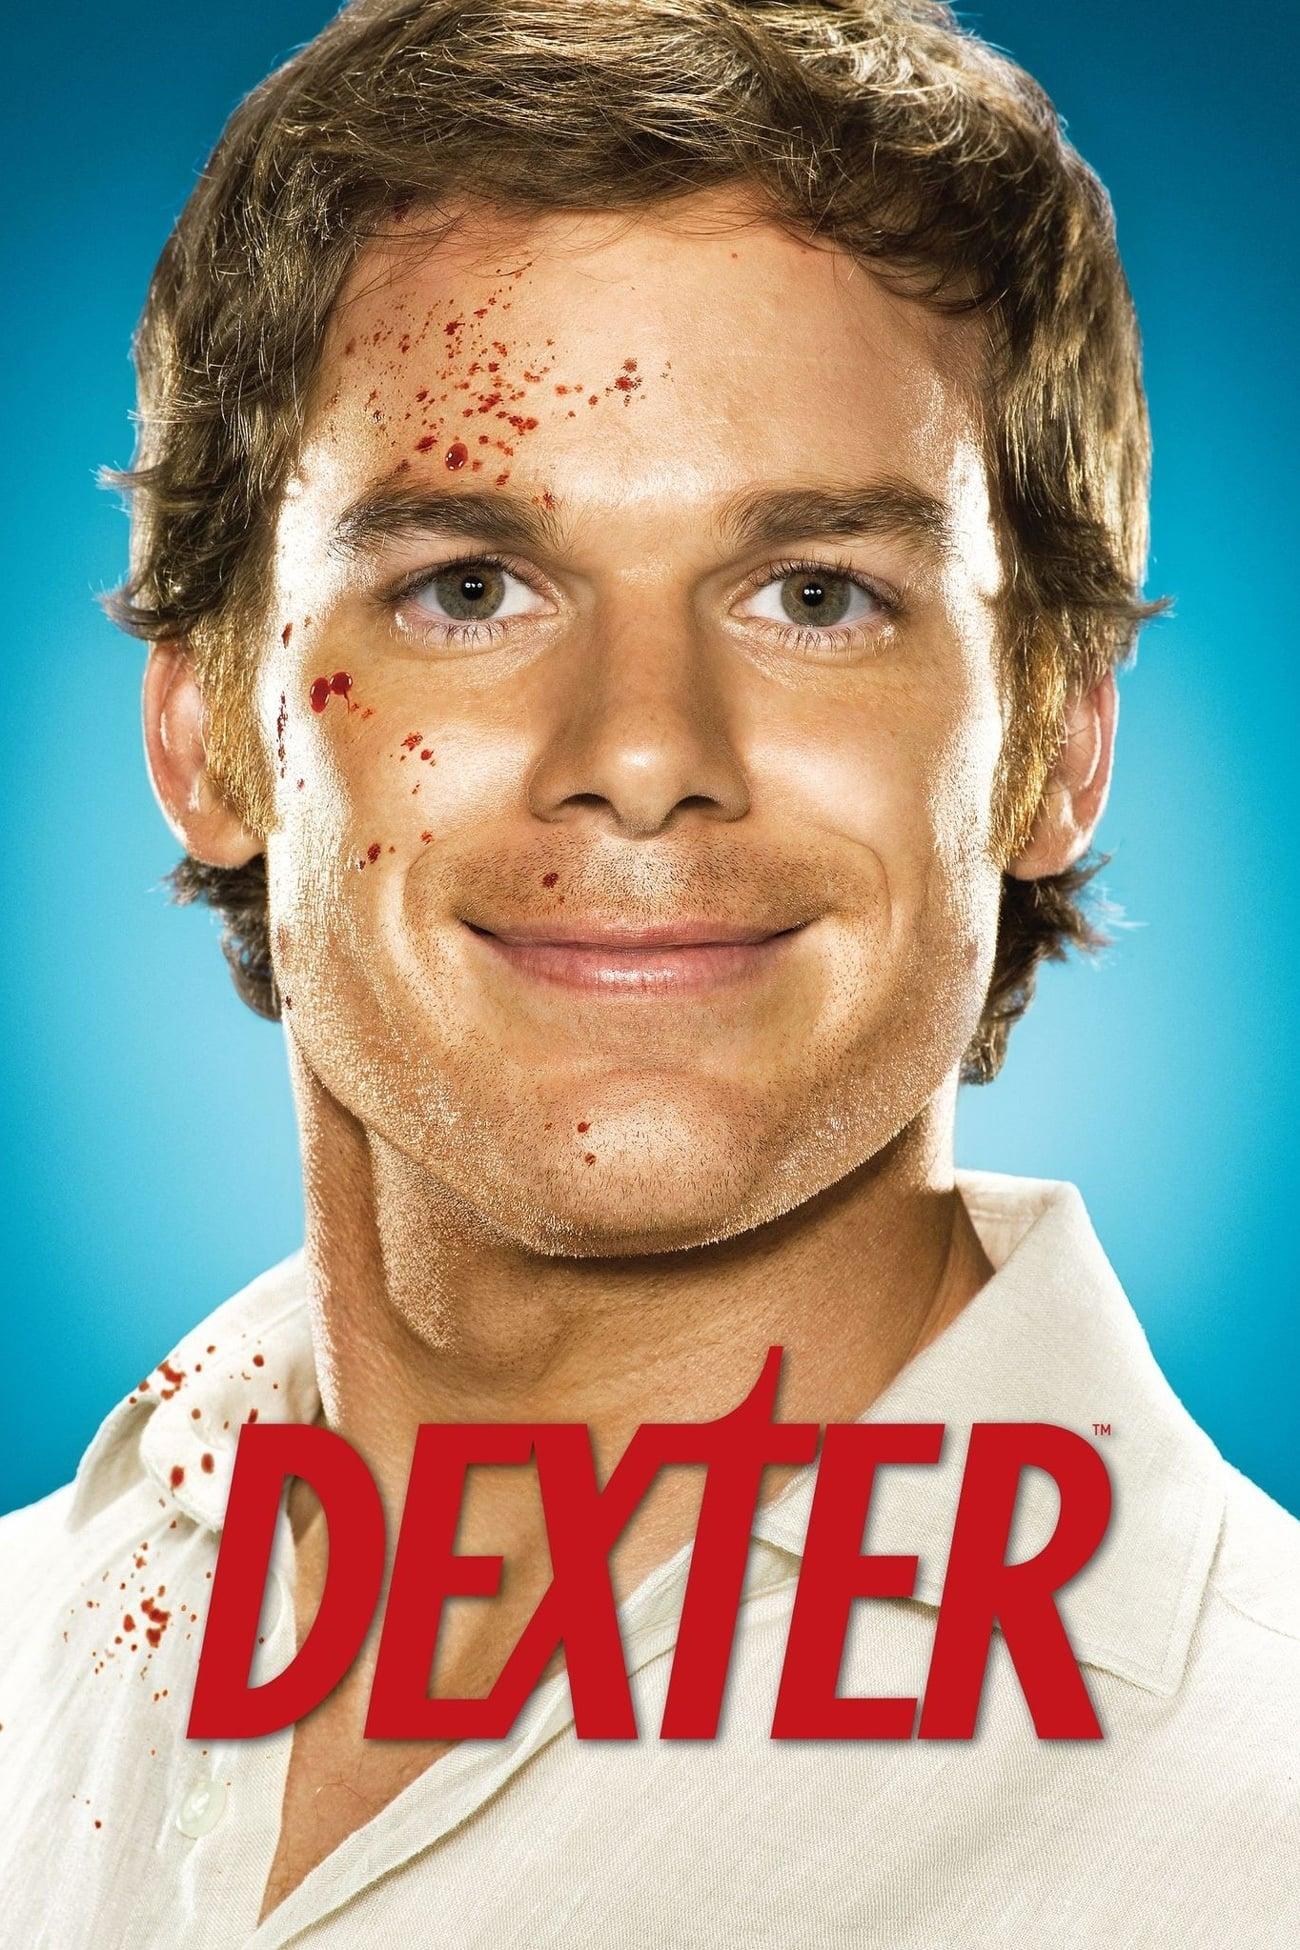 დექსტერი / Dexter